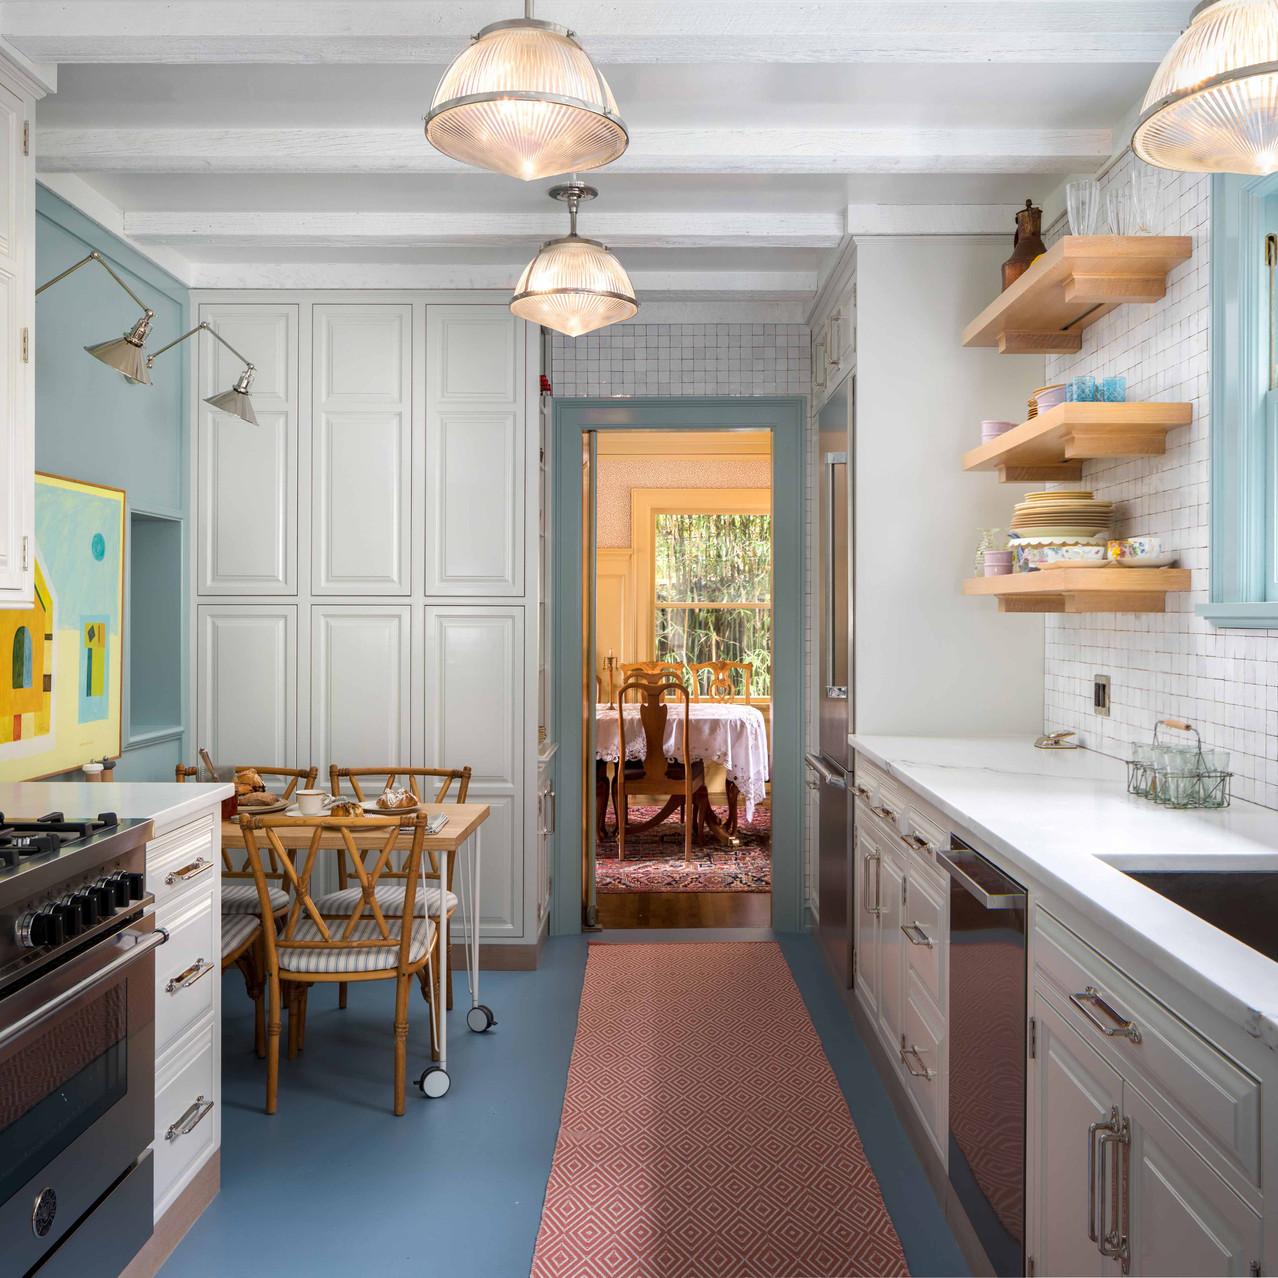 Bertazonni oven high kitchen design